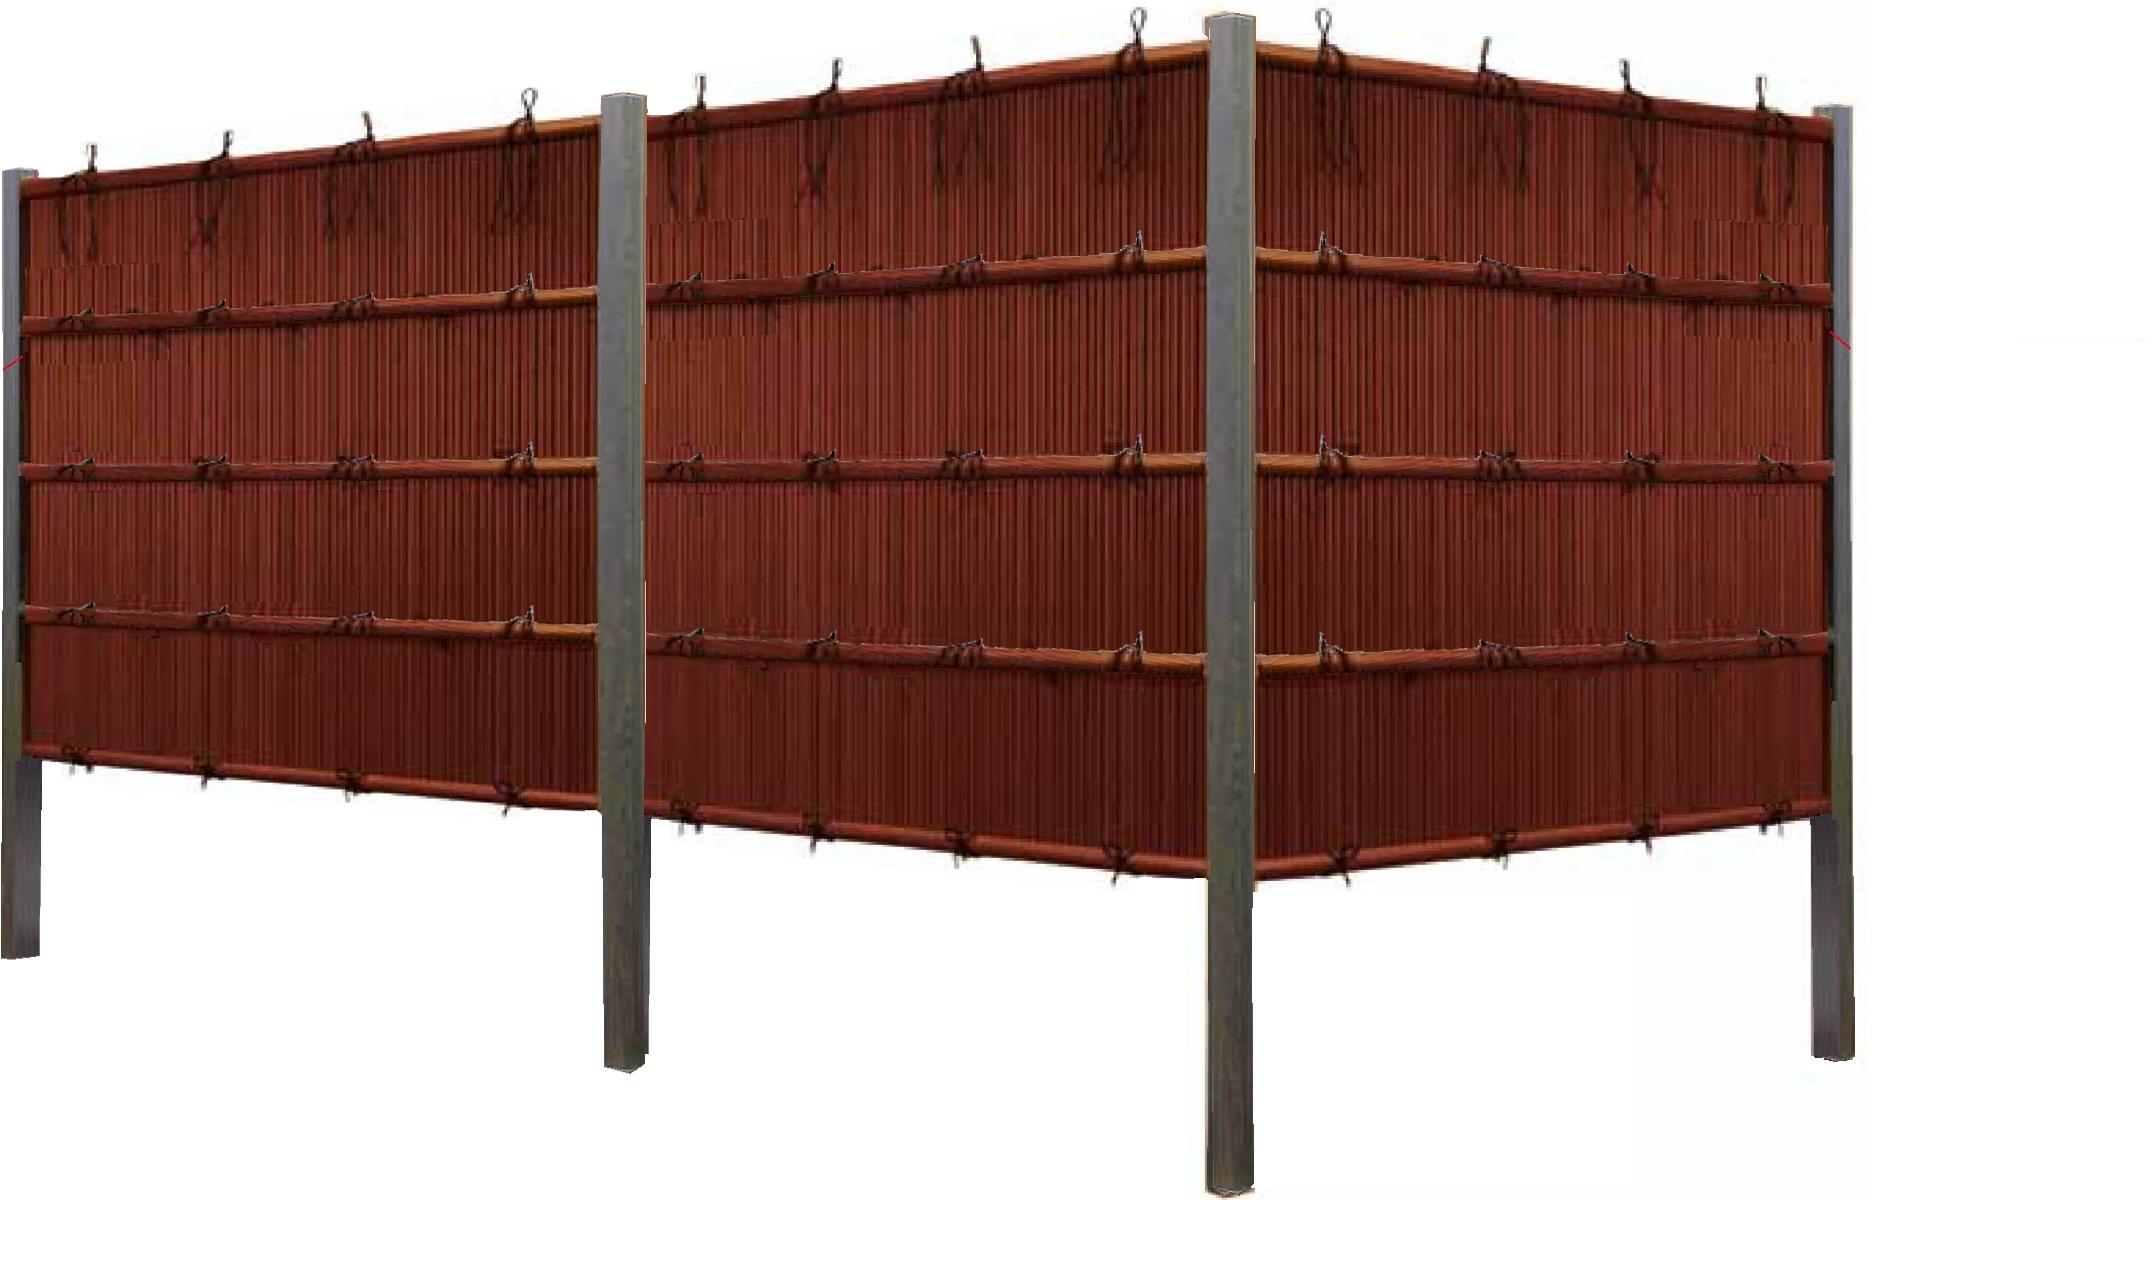 「縦みす垣P1型 両面 柱見せタイプ(すす竹黒焼杉角柱)」